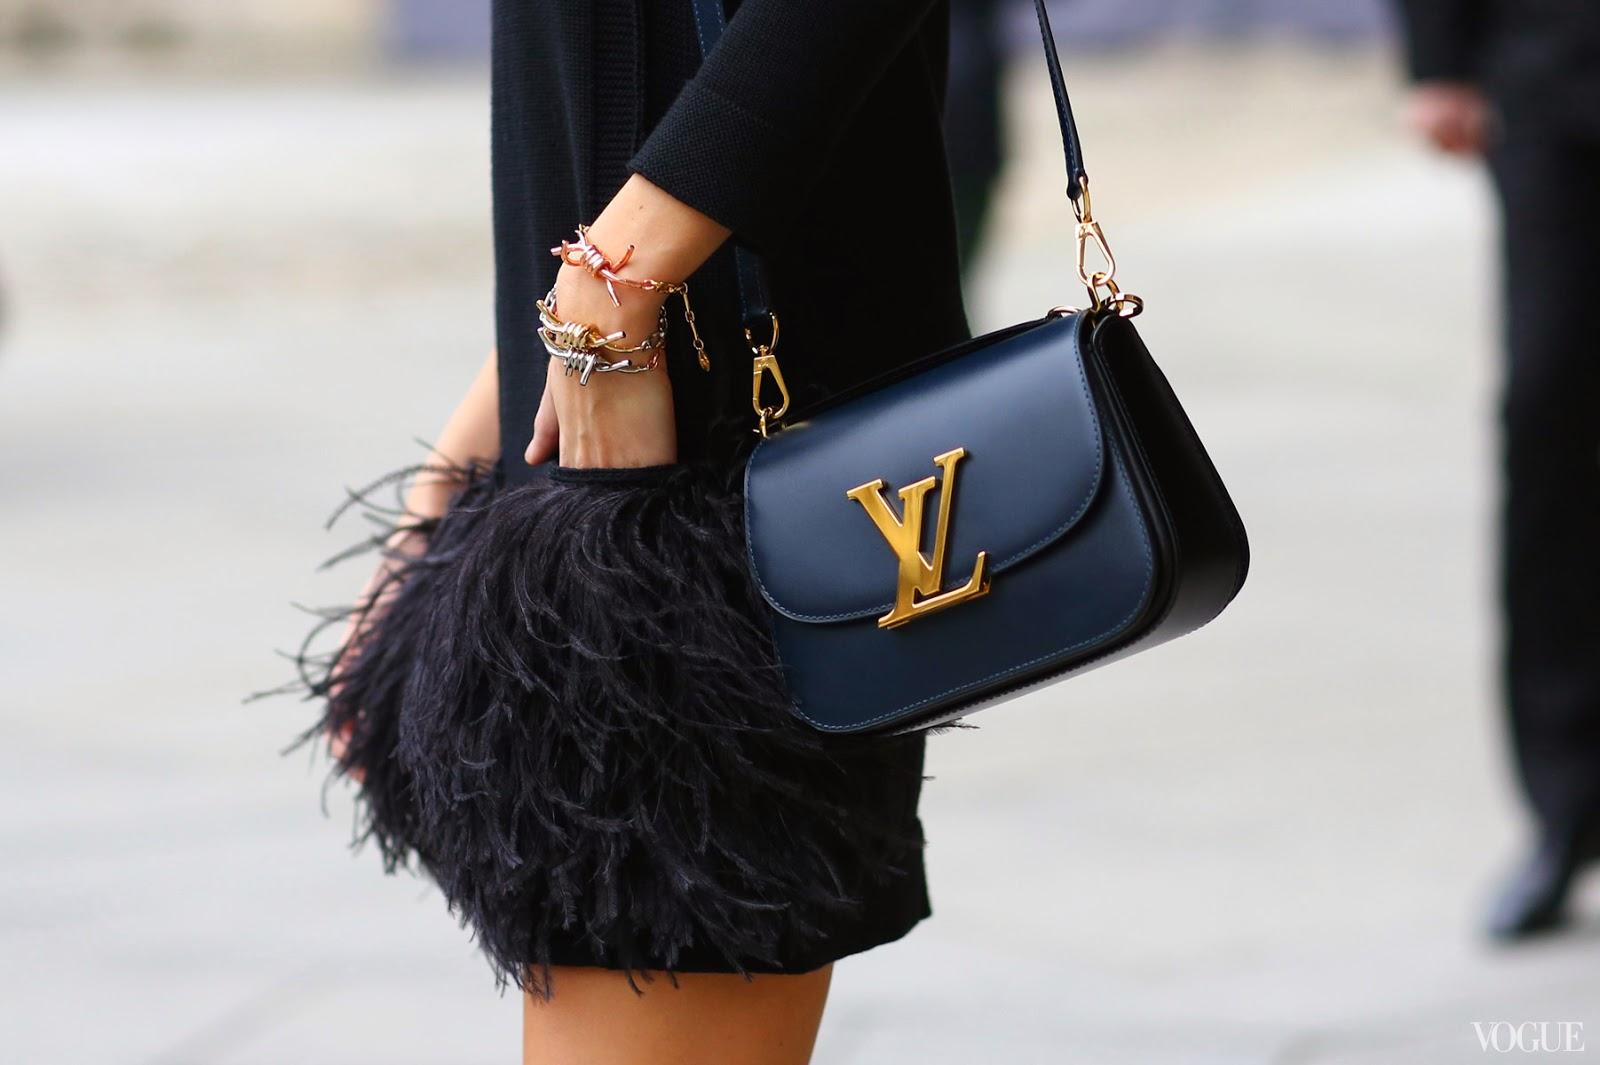 Louis Vuitton Vivienne - The Handbag Concept